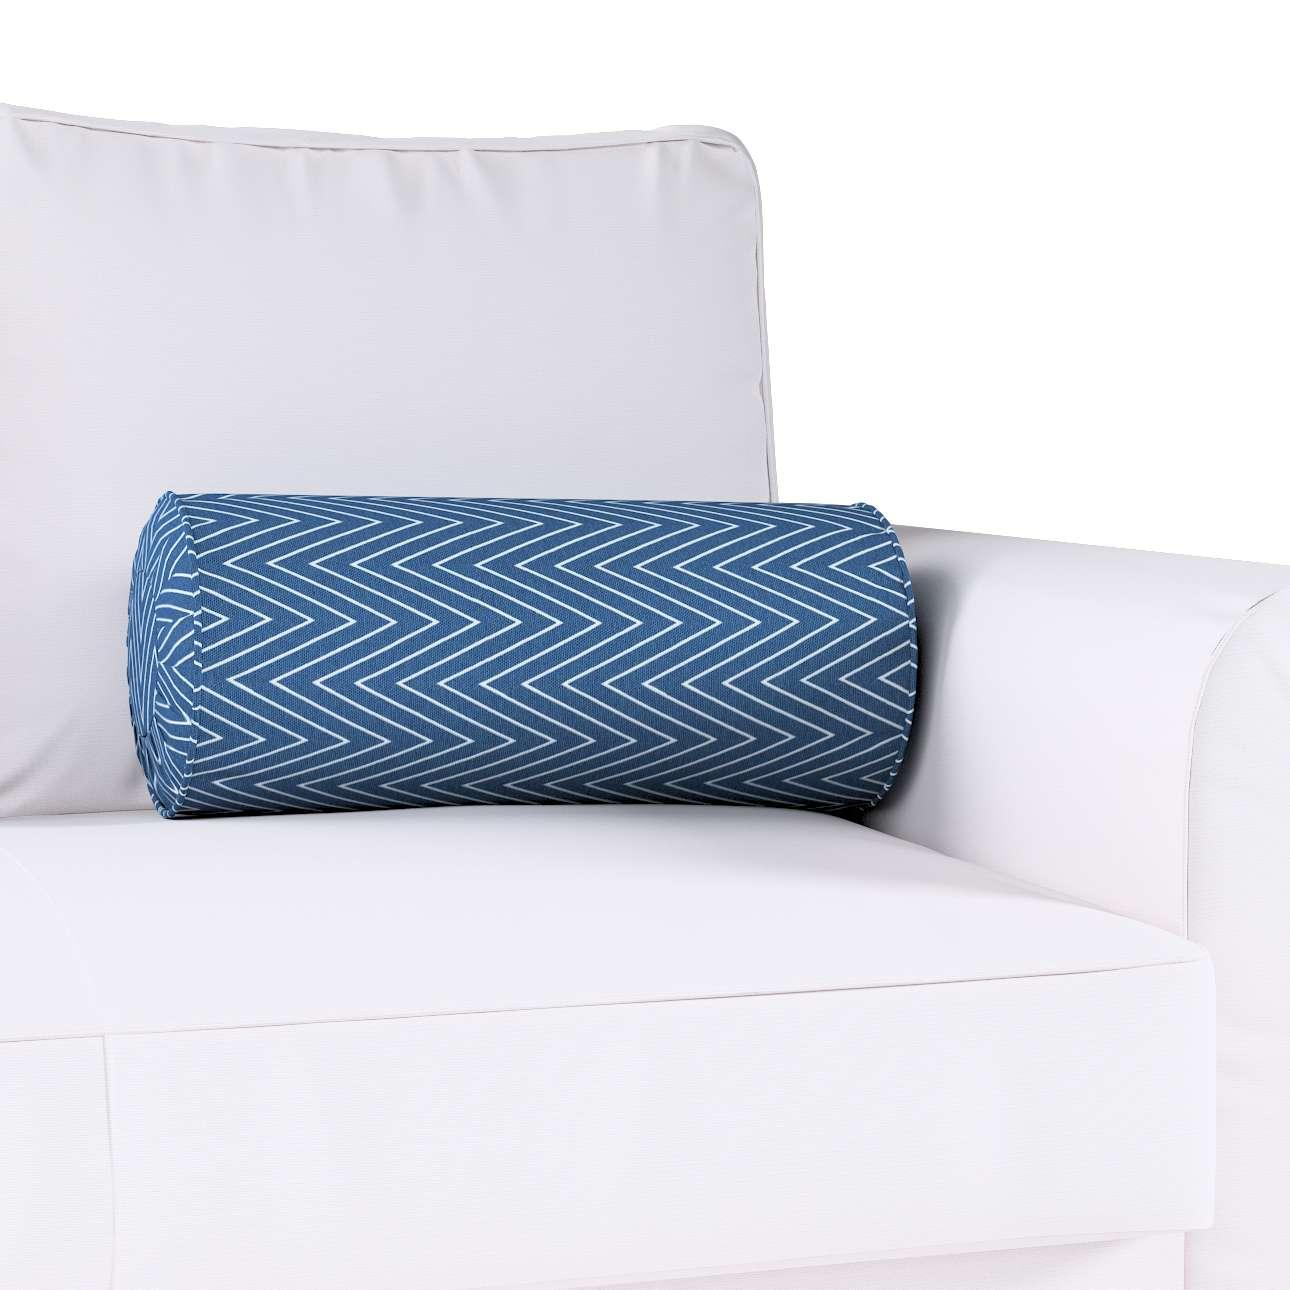 Poduszka wałek z zakładkami w kolekcji Brooklyn, tkanina: 137-88